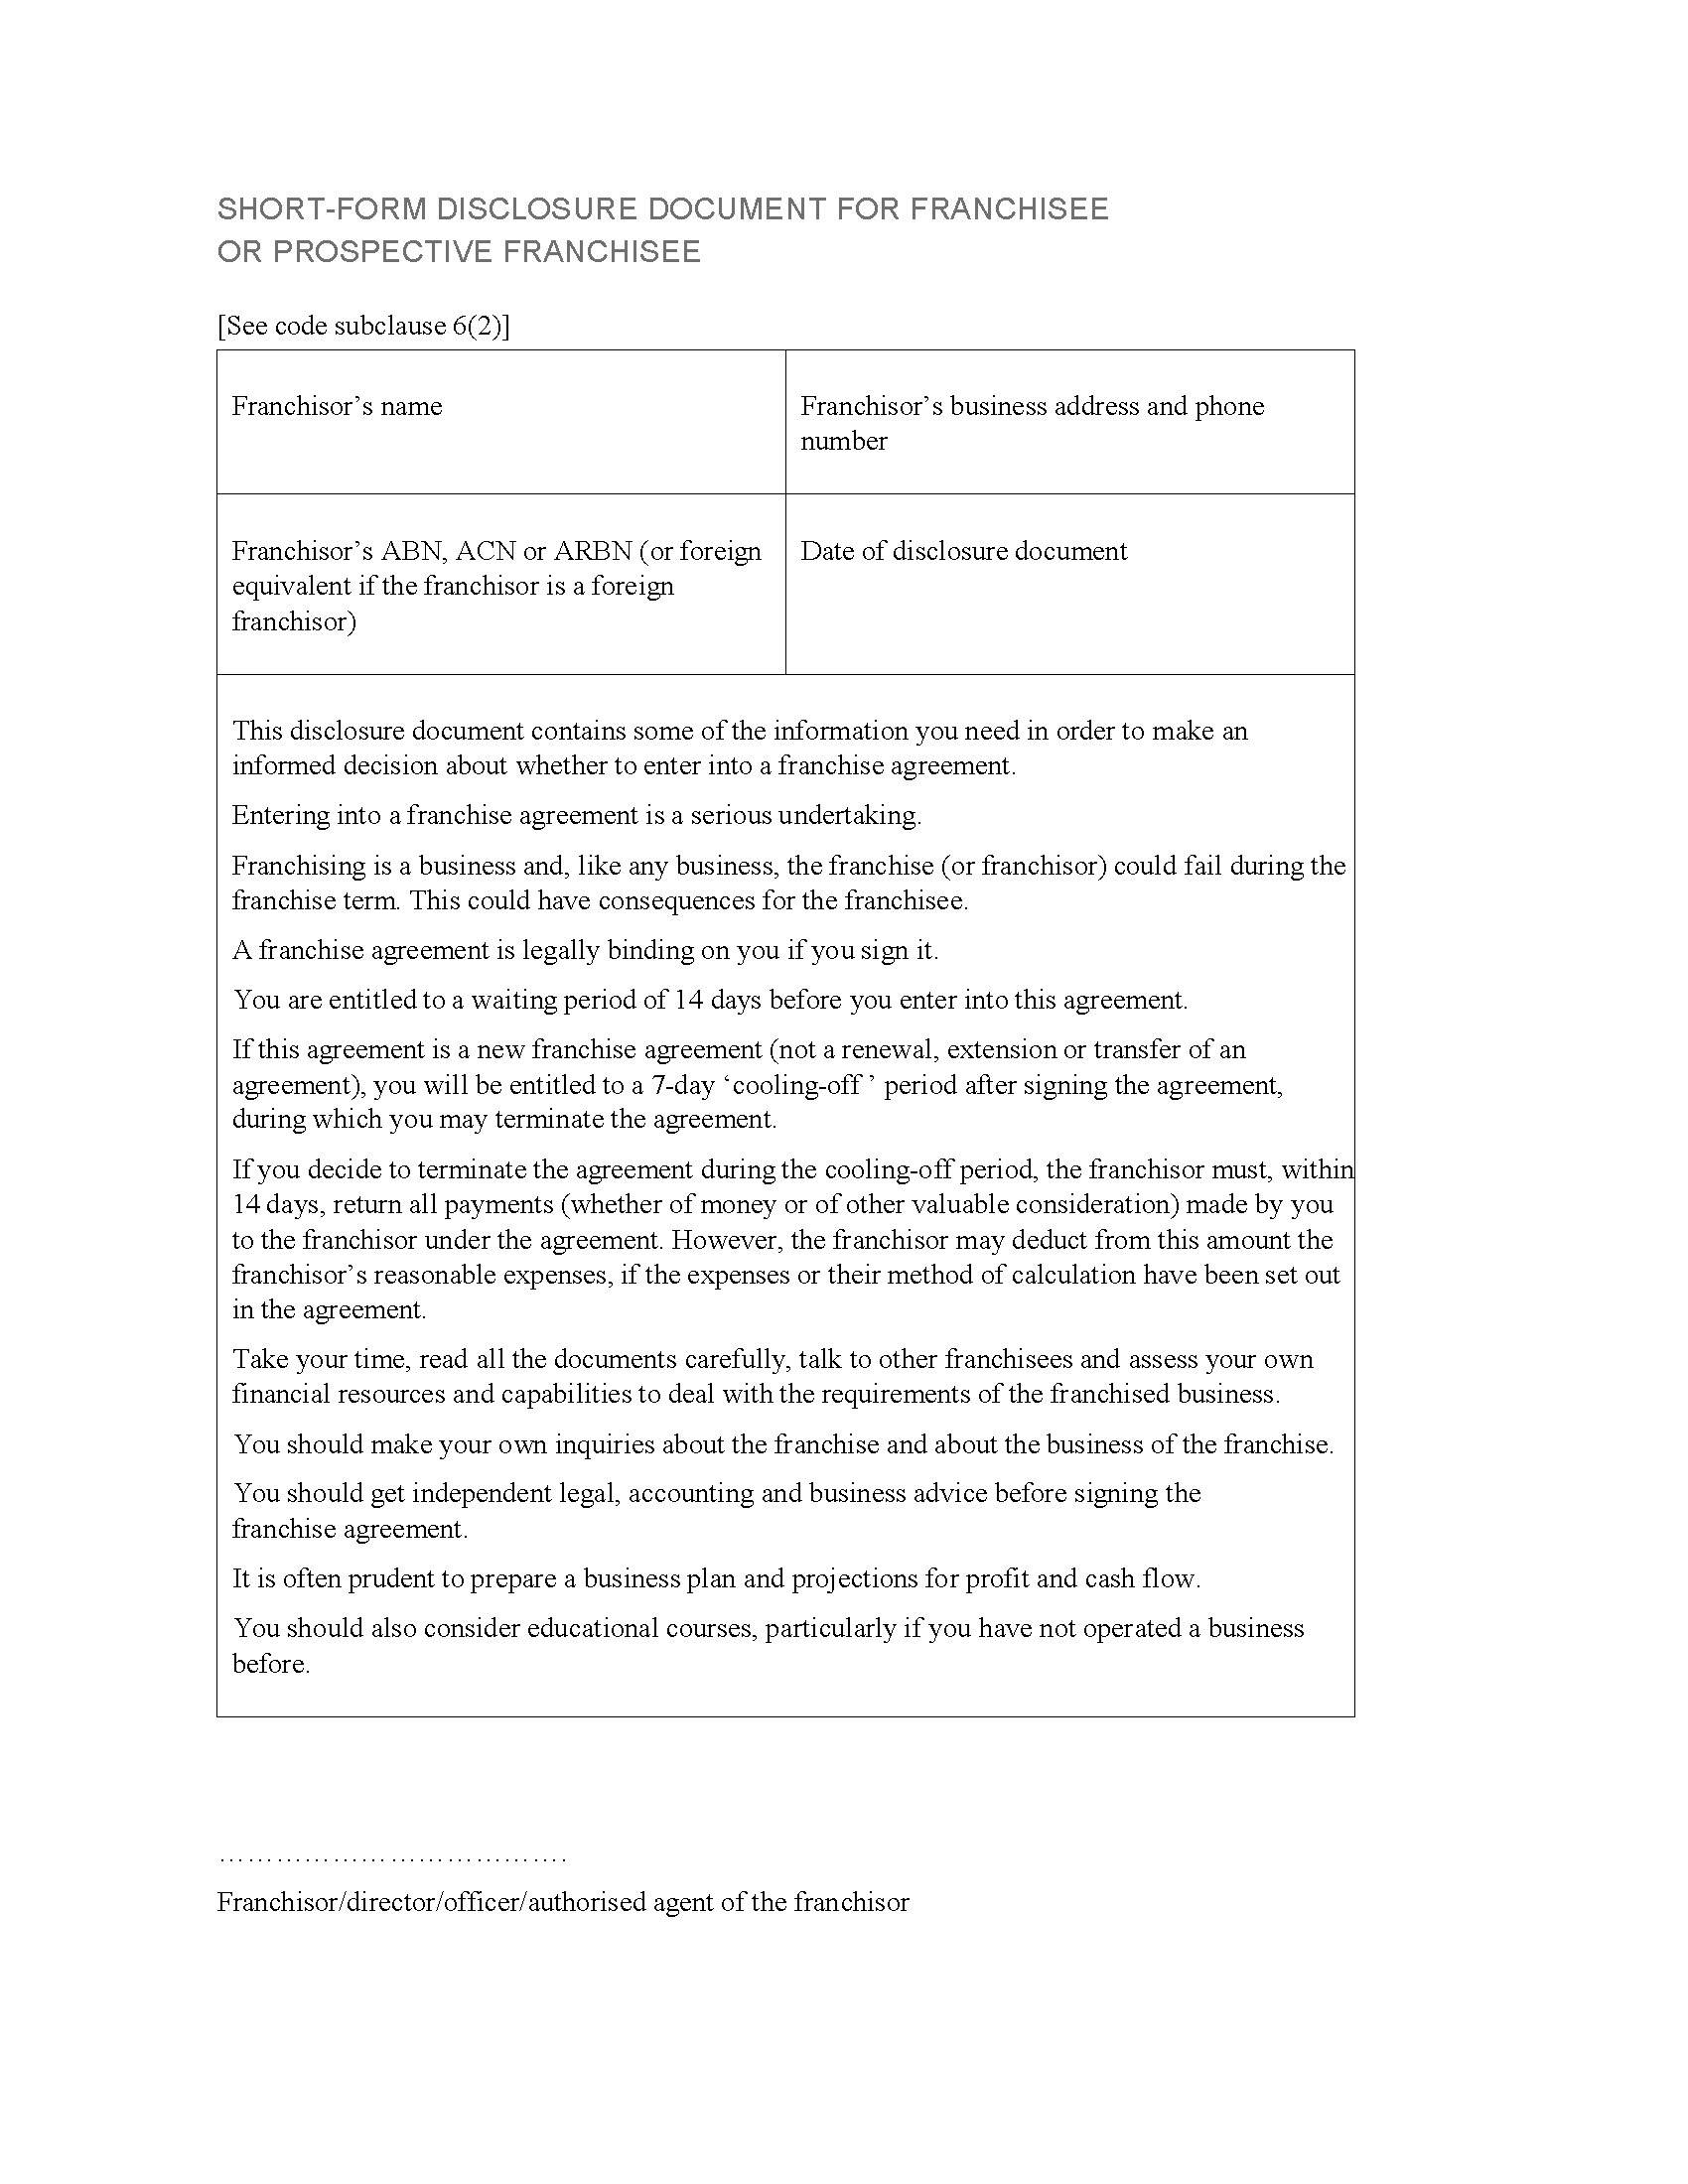 Legal Document Templates Australia